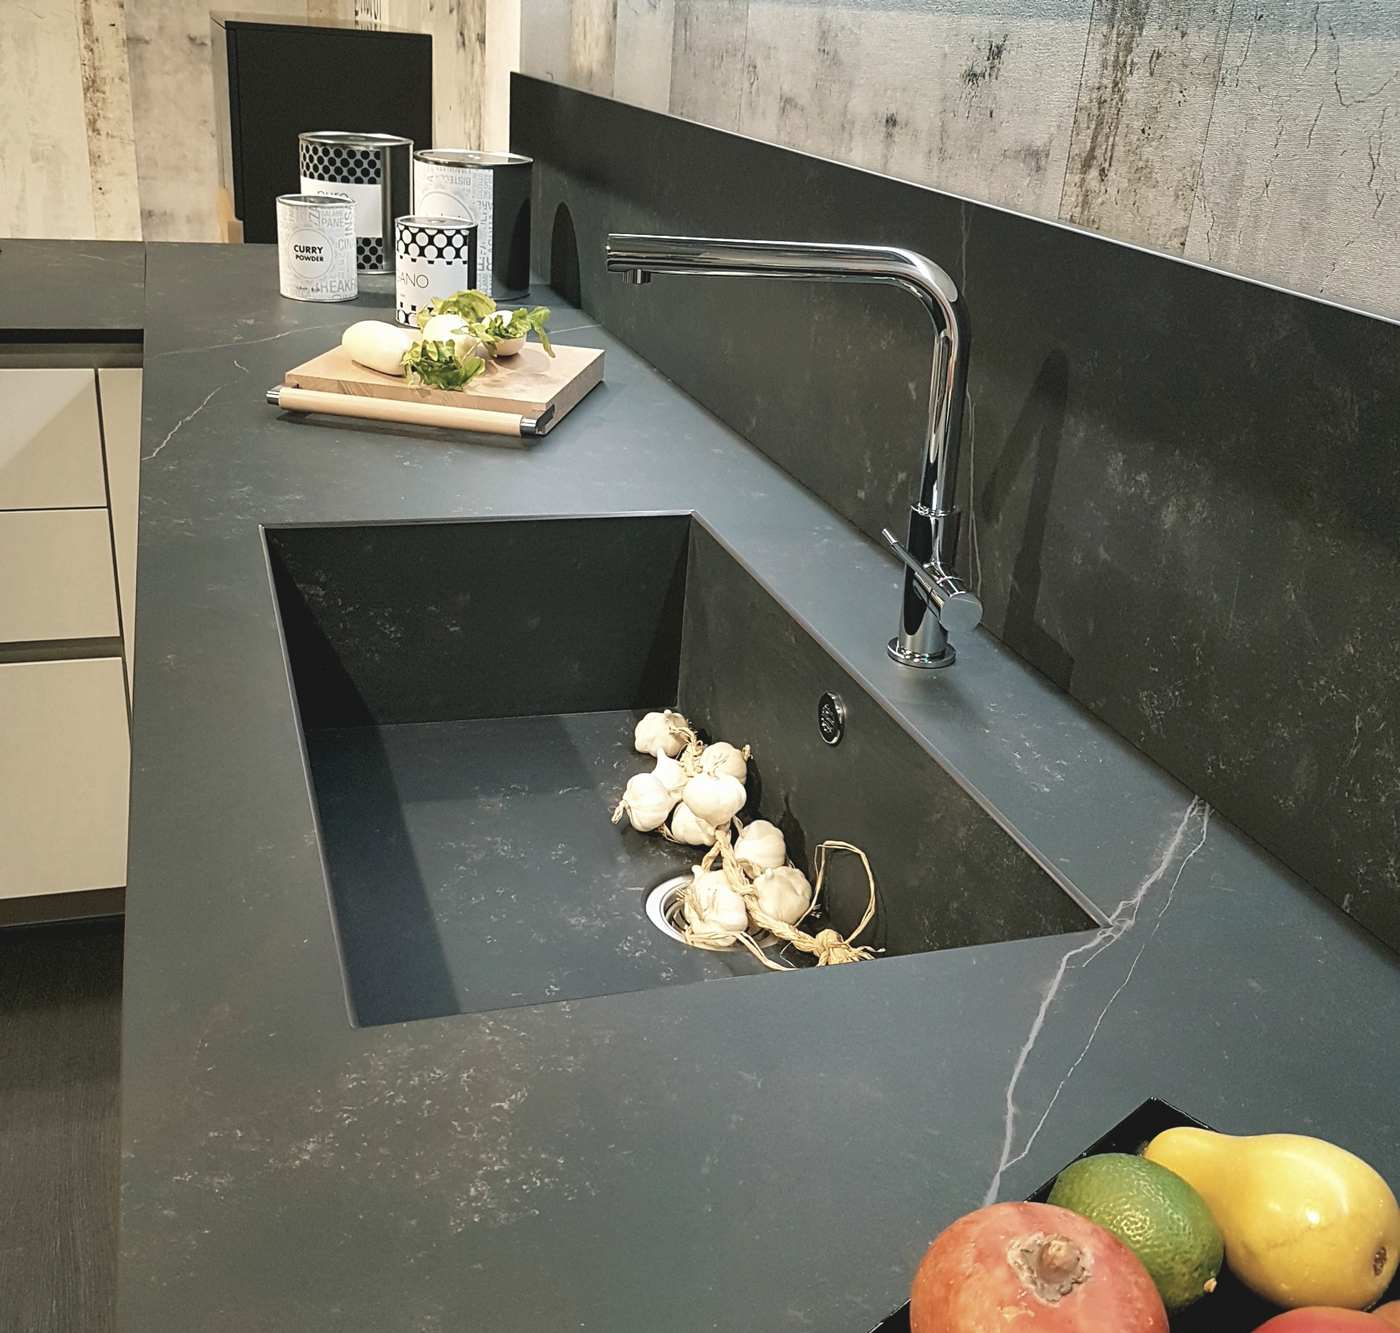 cucina con vasca lavello integrata nel piano Dekton nella cucina Way Snaidero - Bergamo